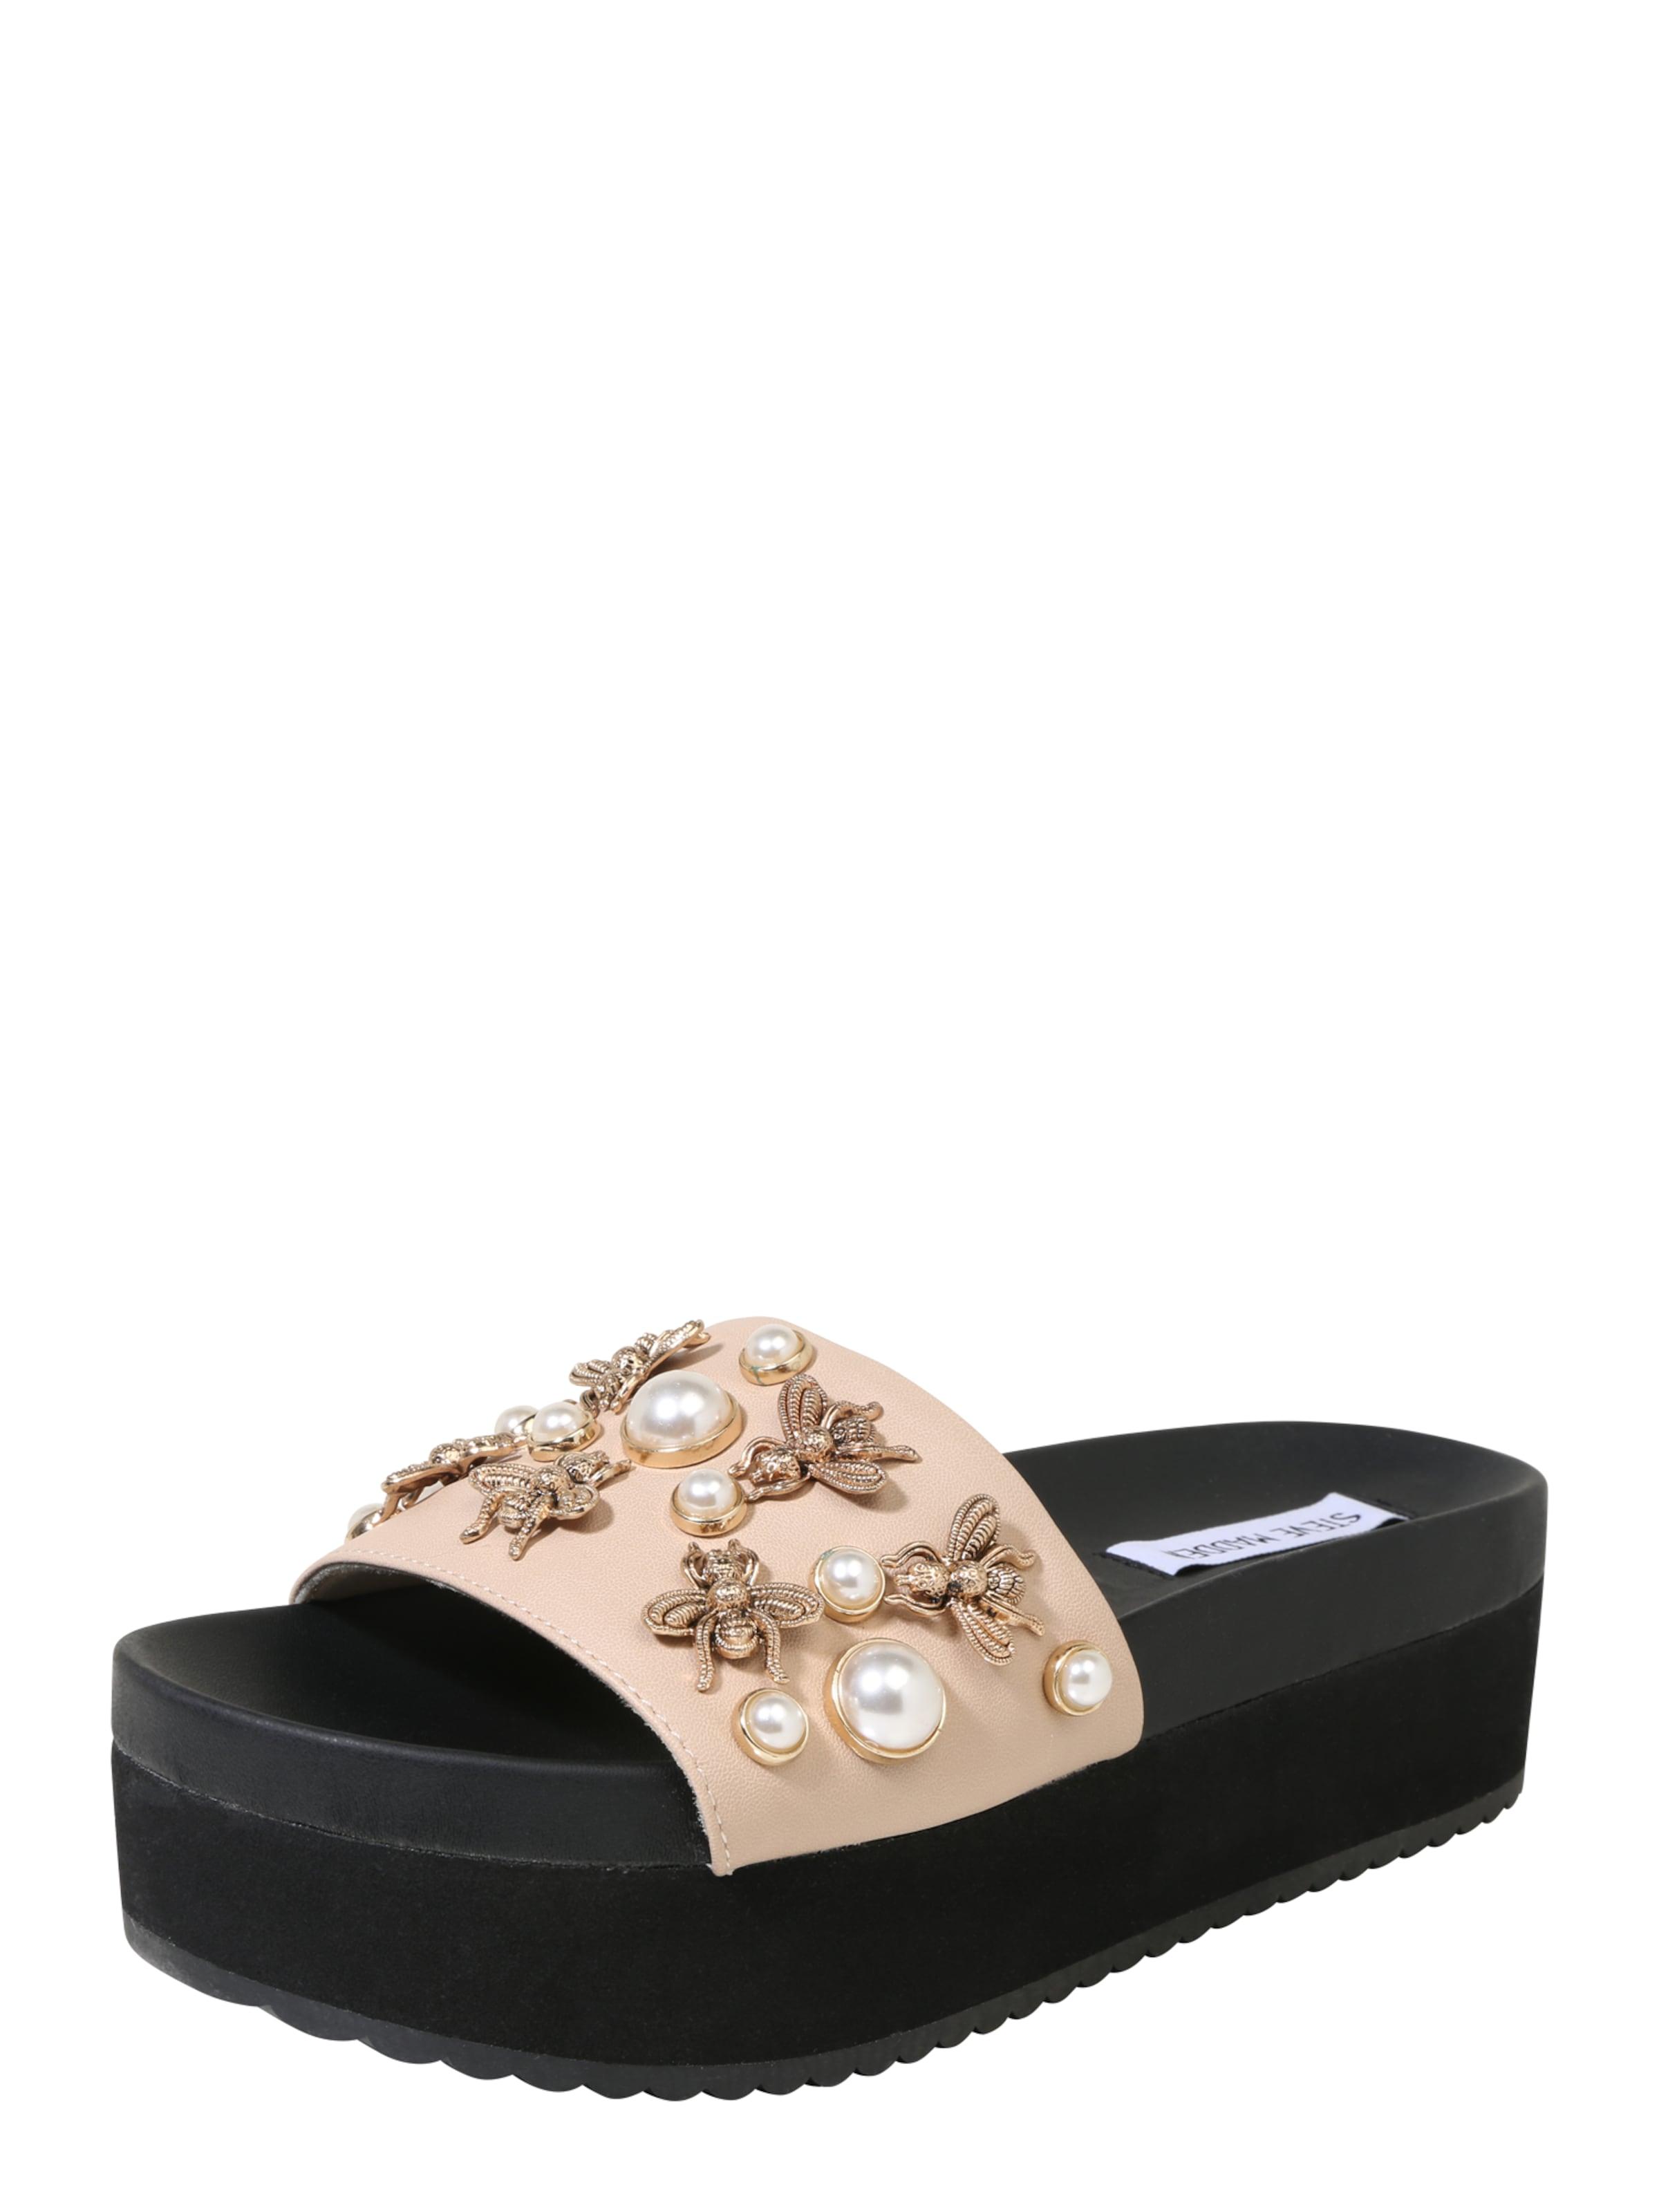 STEVE MADDEN | Pantolette mit Plateau 'ADORN' Schuhe Gut getragene Schuhe